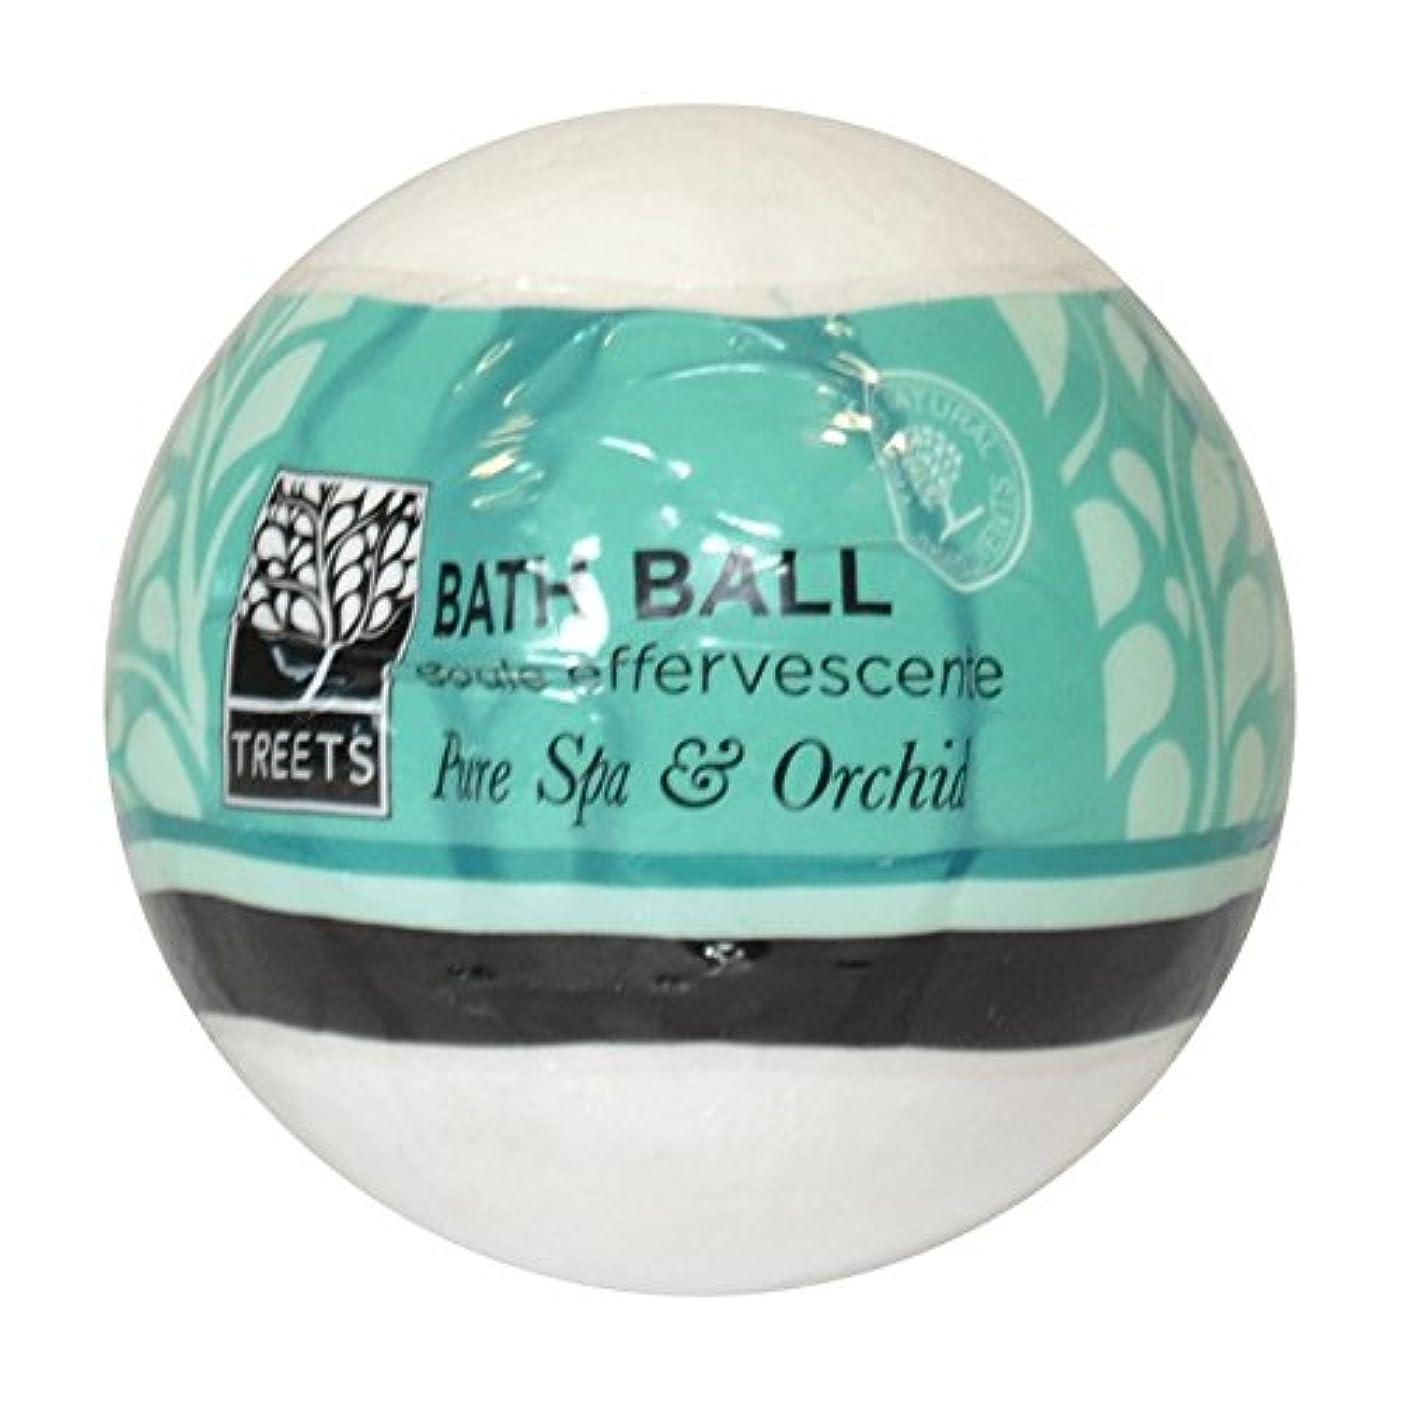 細い吐き出すプラスTreets蘭&純粋なスパバスボール - Treets Orchid & Pure Spa Bath Ball (Treets) [並行輸入品]